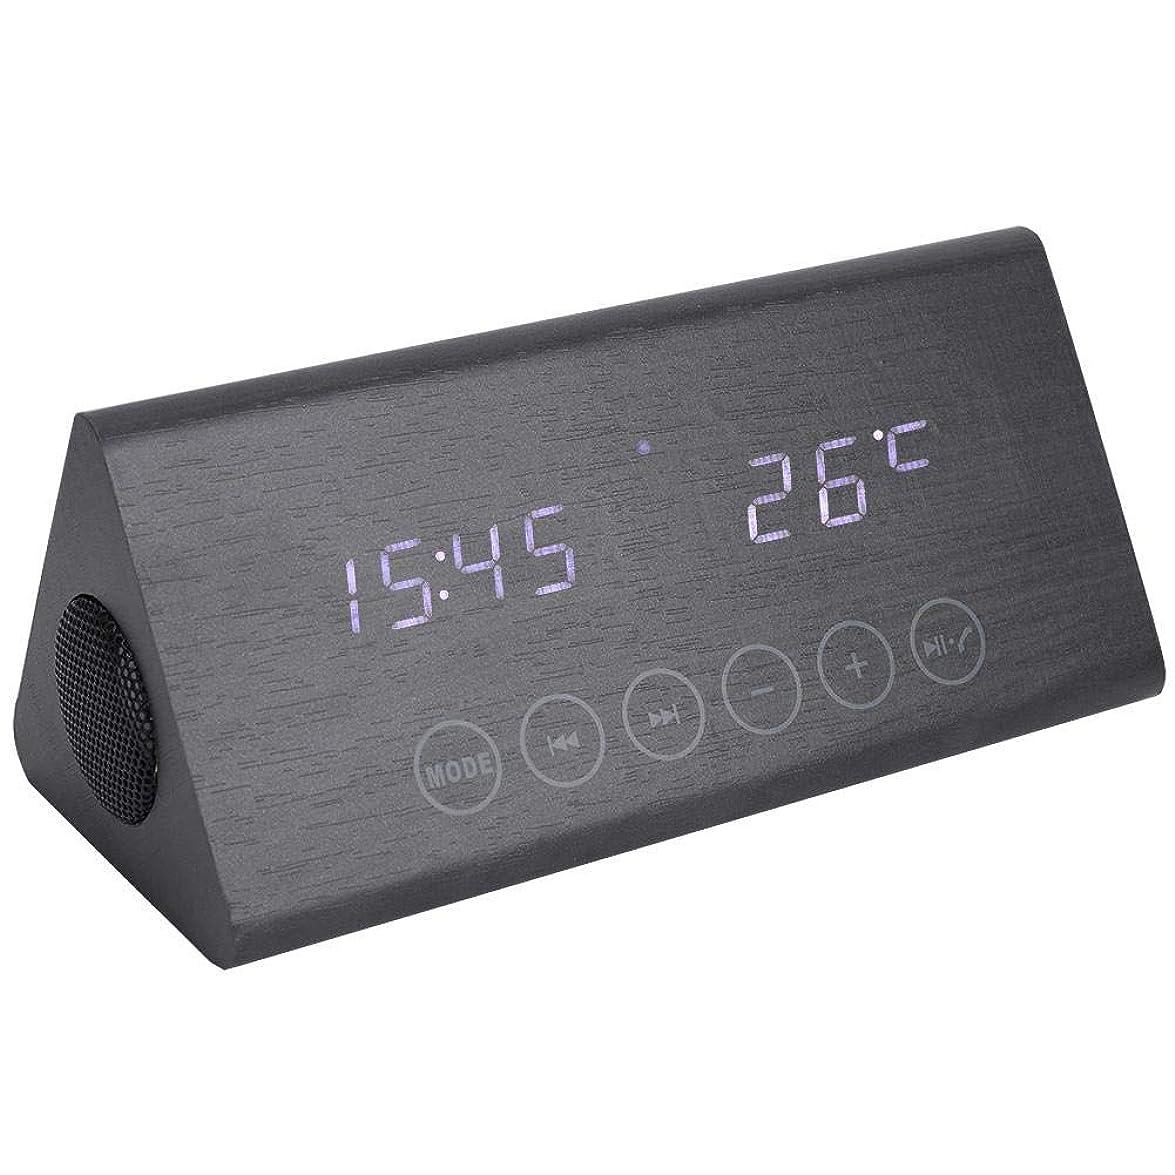 腕出演者不完全多機能目覚まし時計、木製目覚まし時計木製スピーカー温度/時間表示、目覚まし時計(#1)